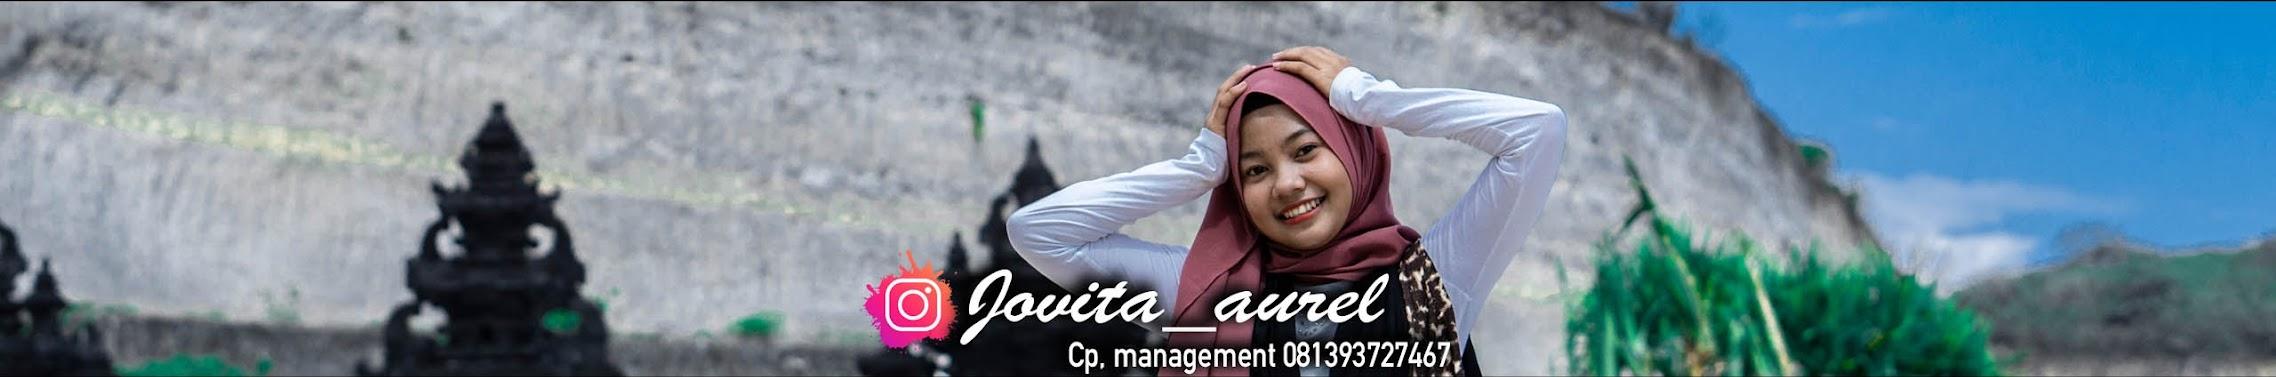 Jovita Aurel Youtube Channel Analytics And Report Desarrollado Por Noxinfluencer Mobile